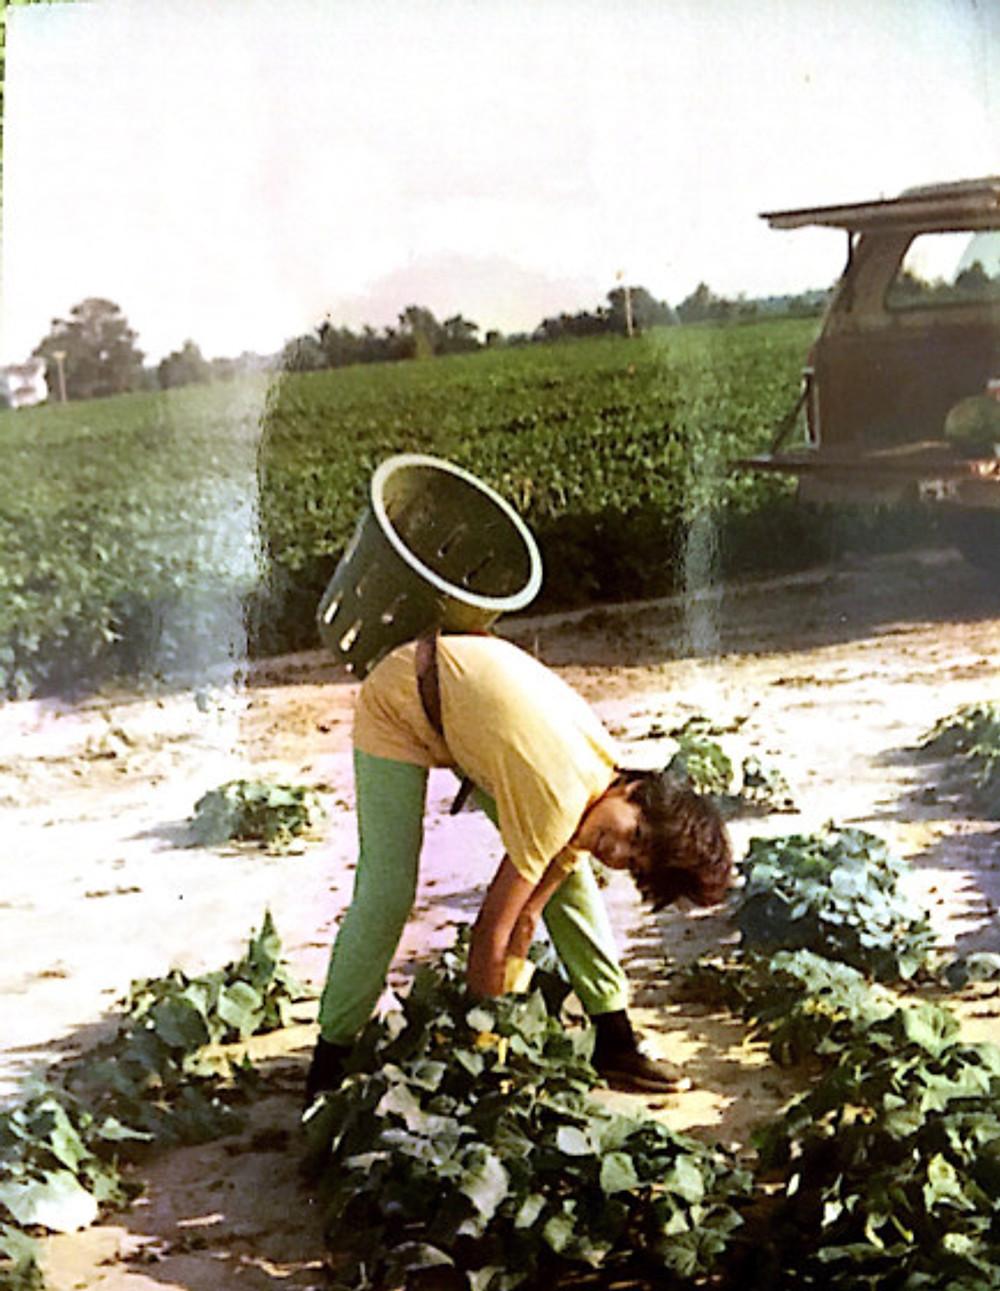 Idalia harvesting cucumbers in Ohio